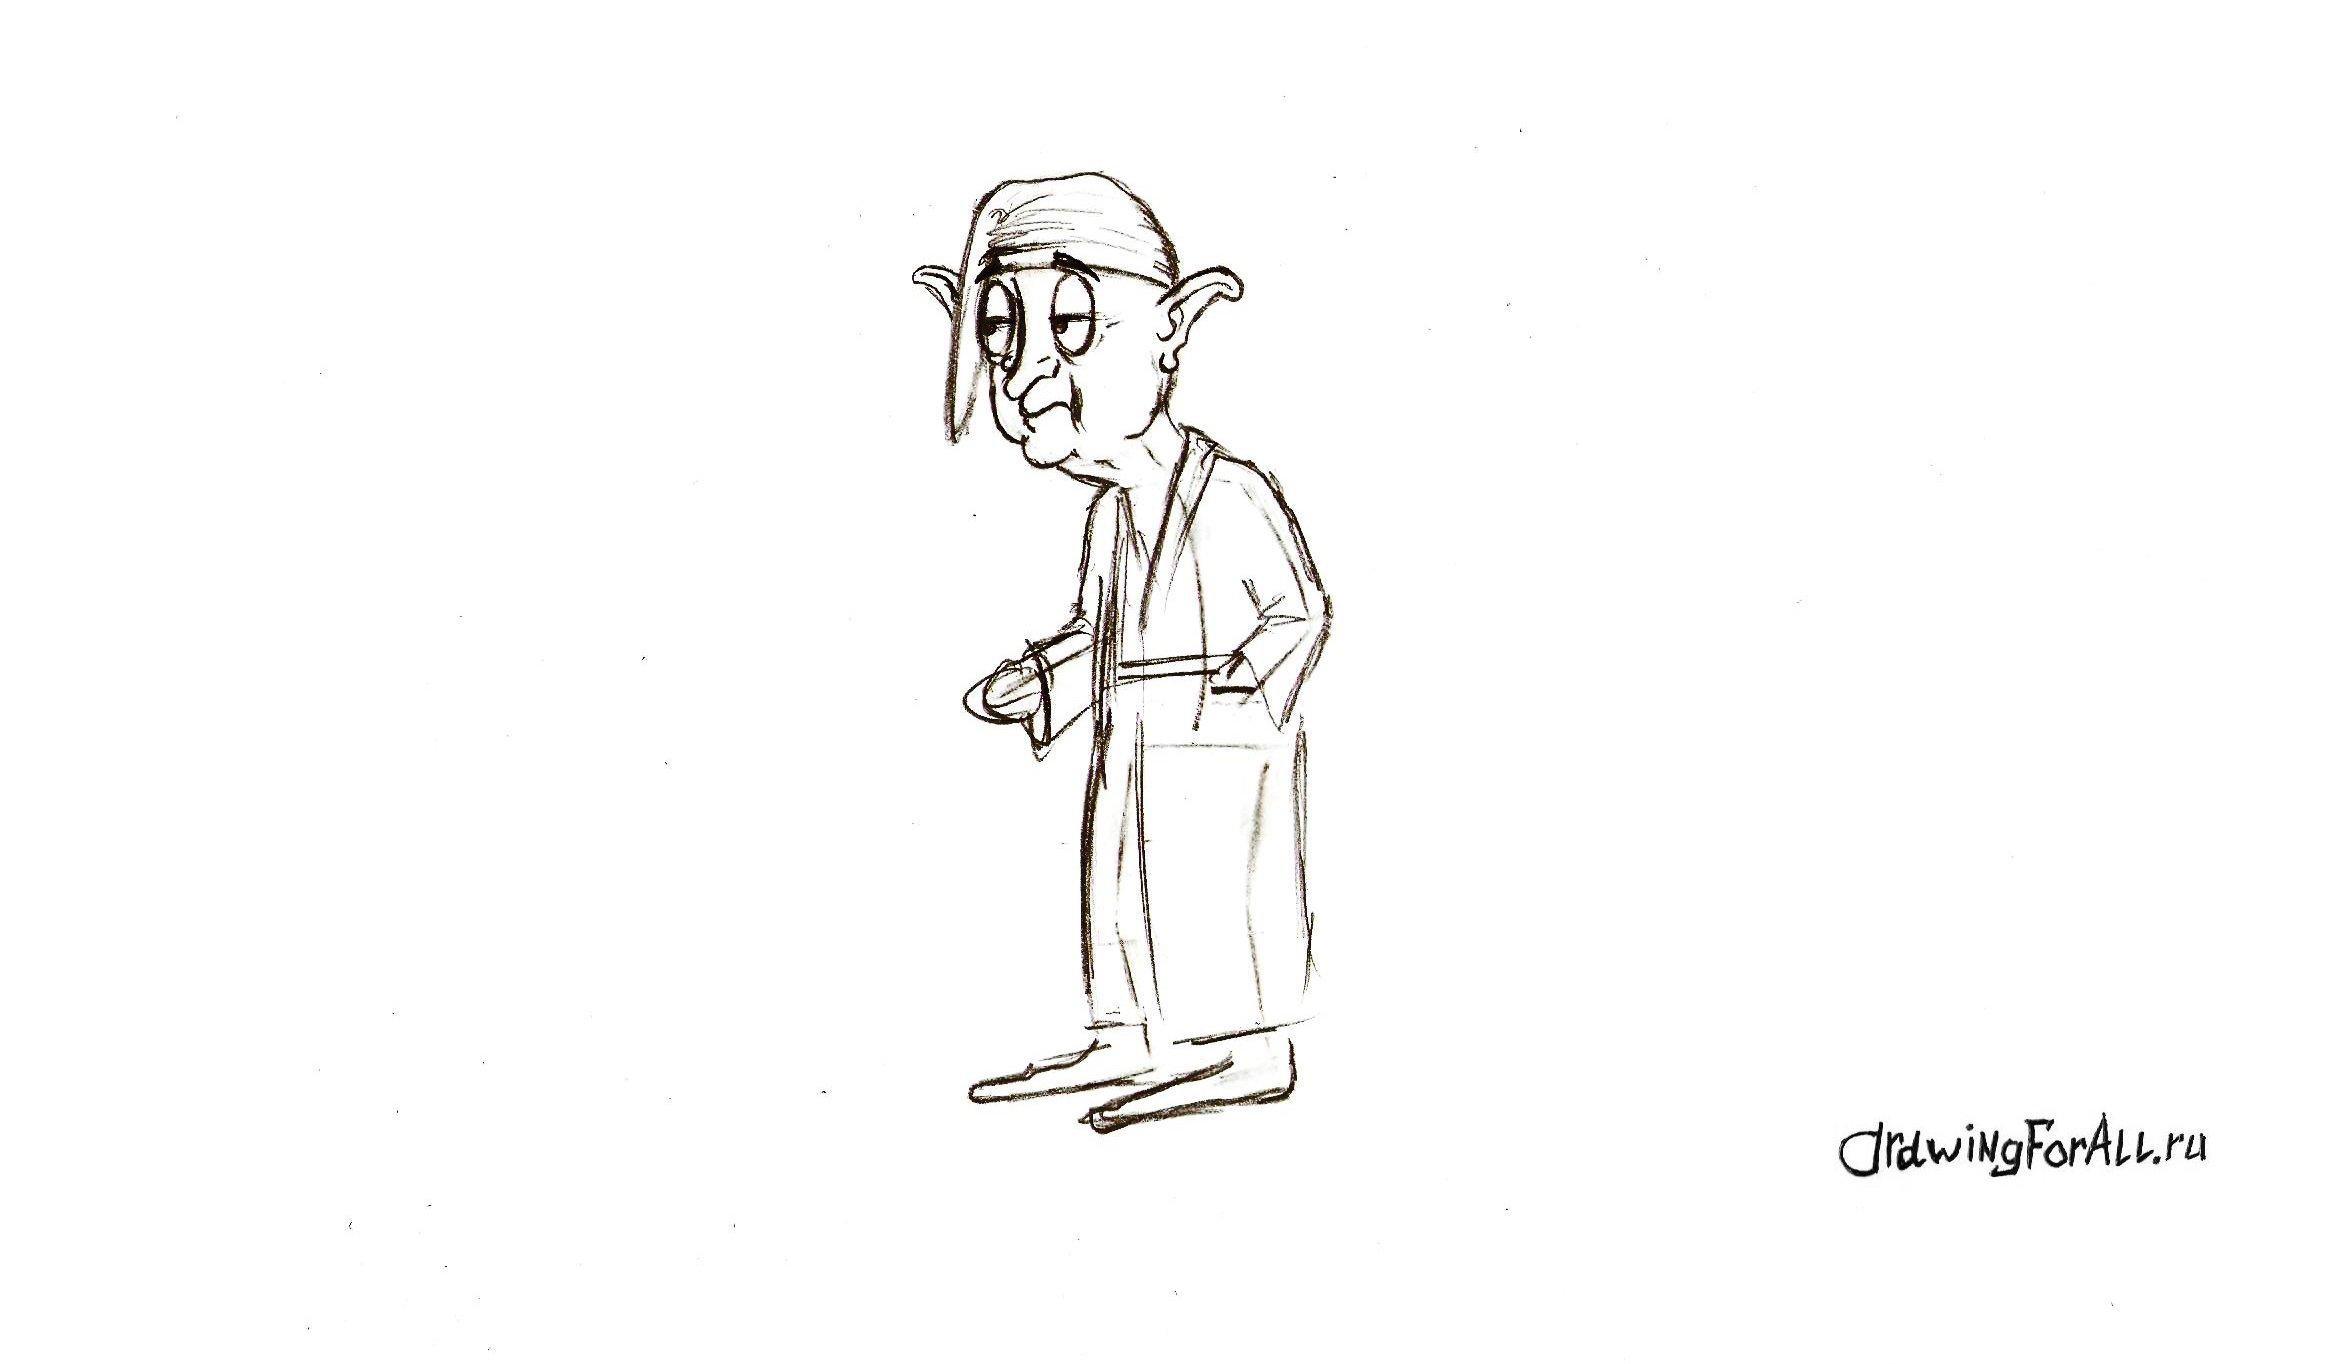 детализация сказочного персонажа